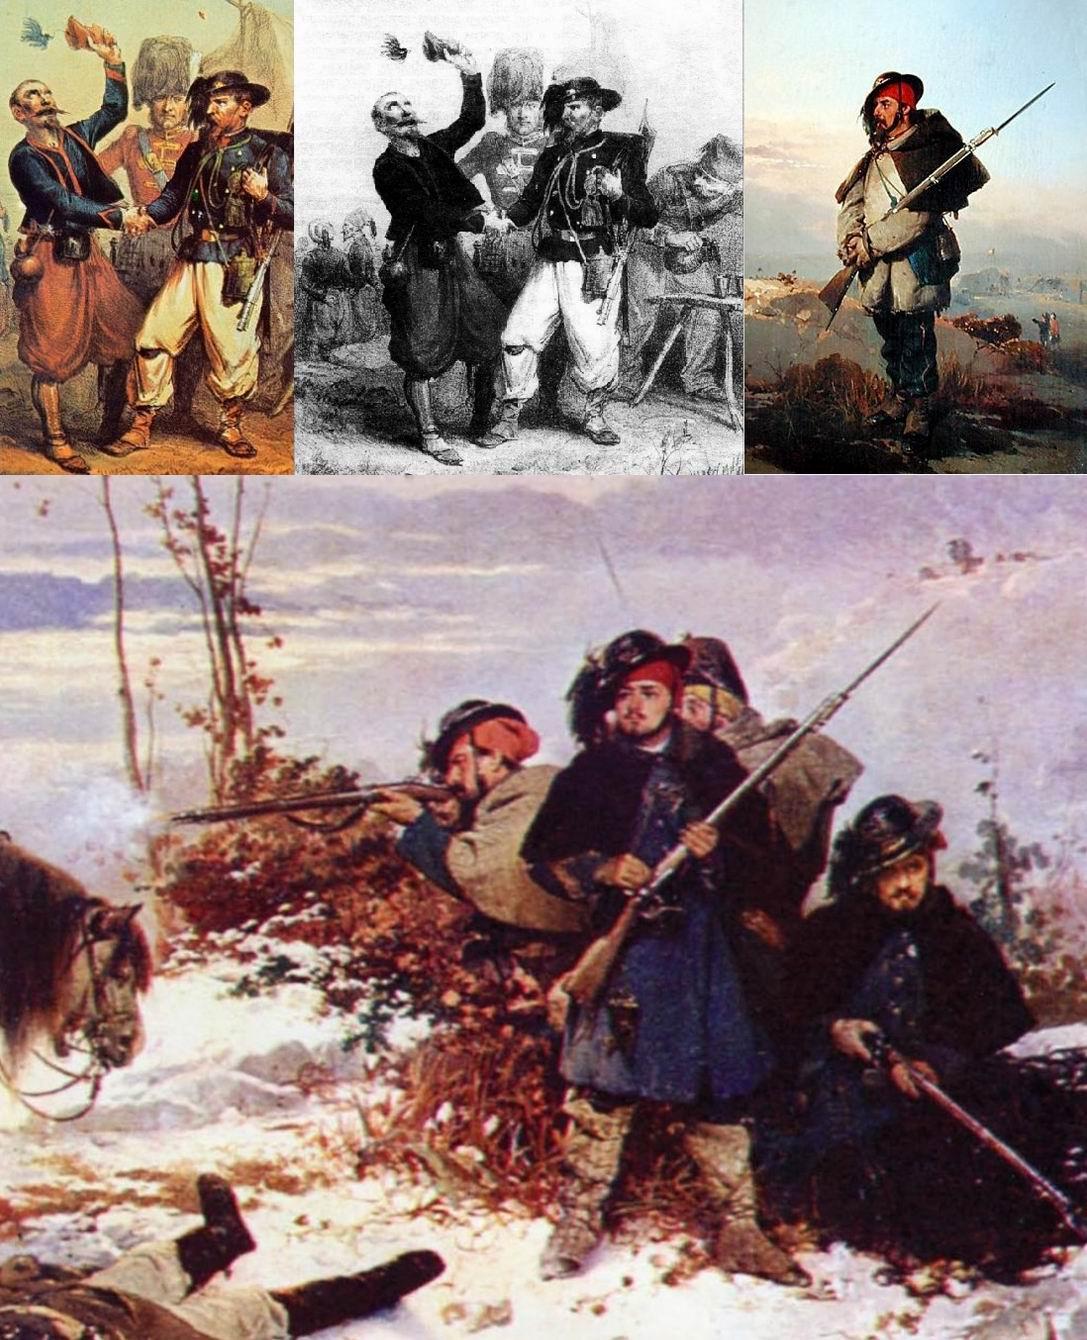 Вверху слева и по центру - изображение классической легенды - зуав дарит шешию. На картинах видно реальное ношение фесок или шапочек под шляпой, для тепла.